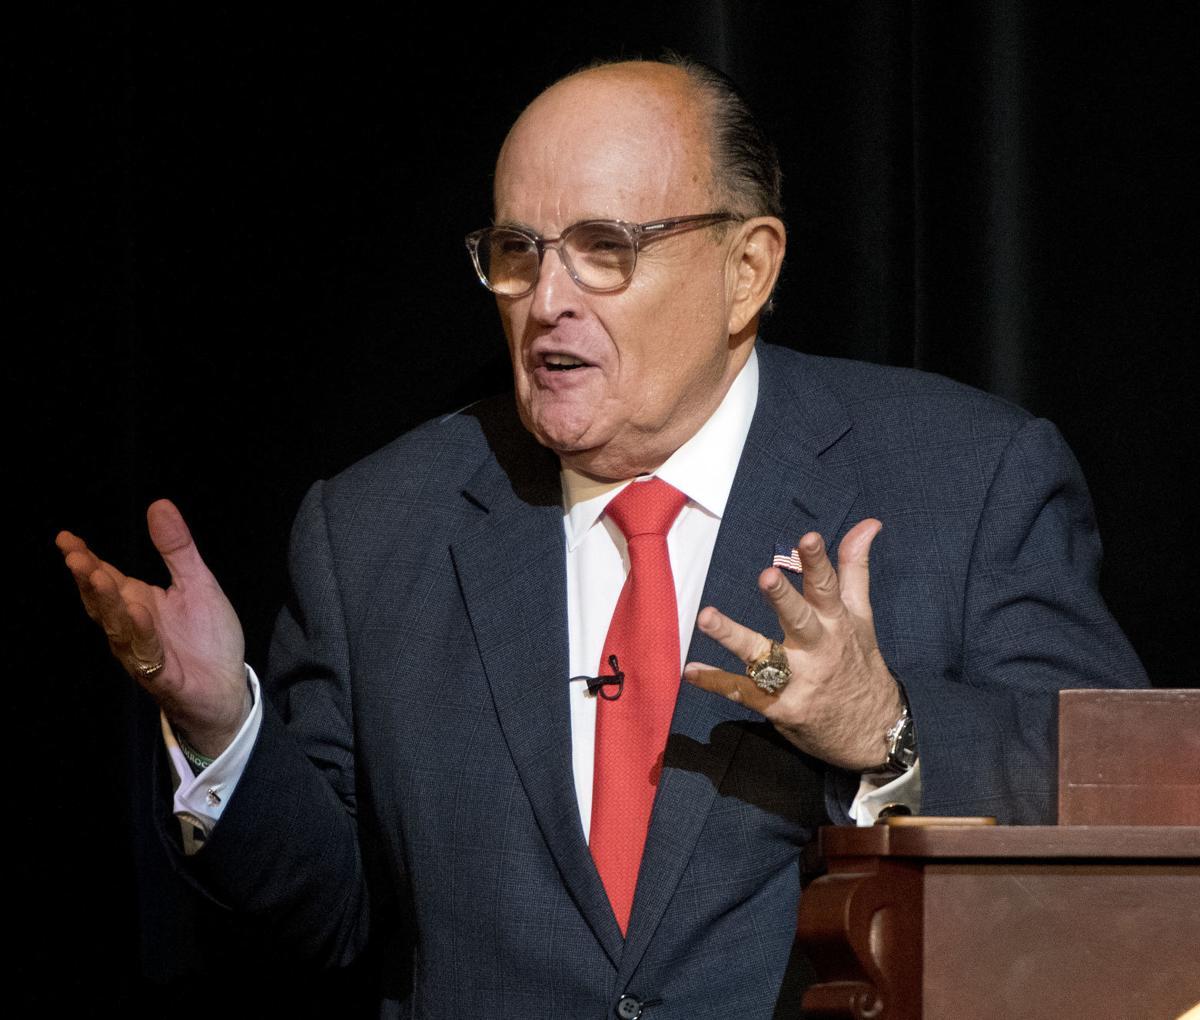 Siouxland Chamber speaker Giuliani